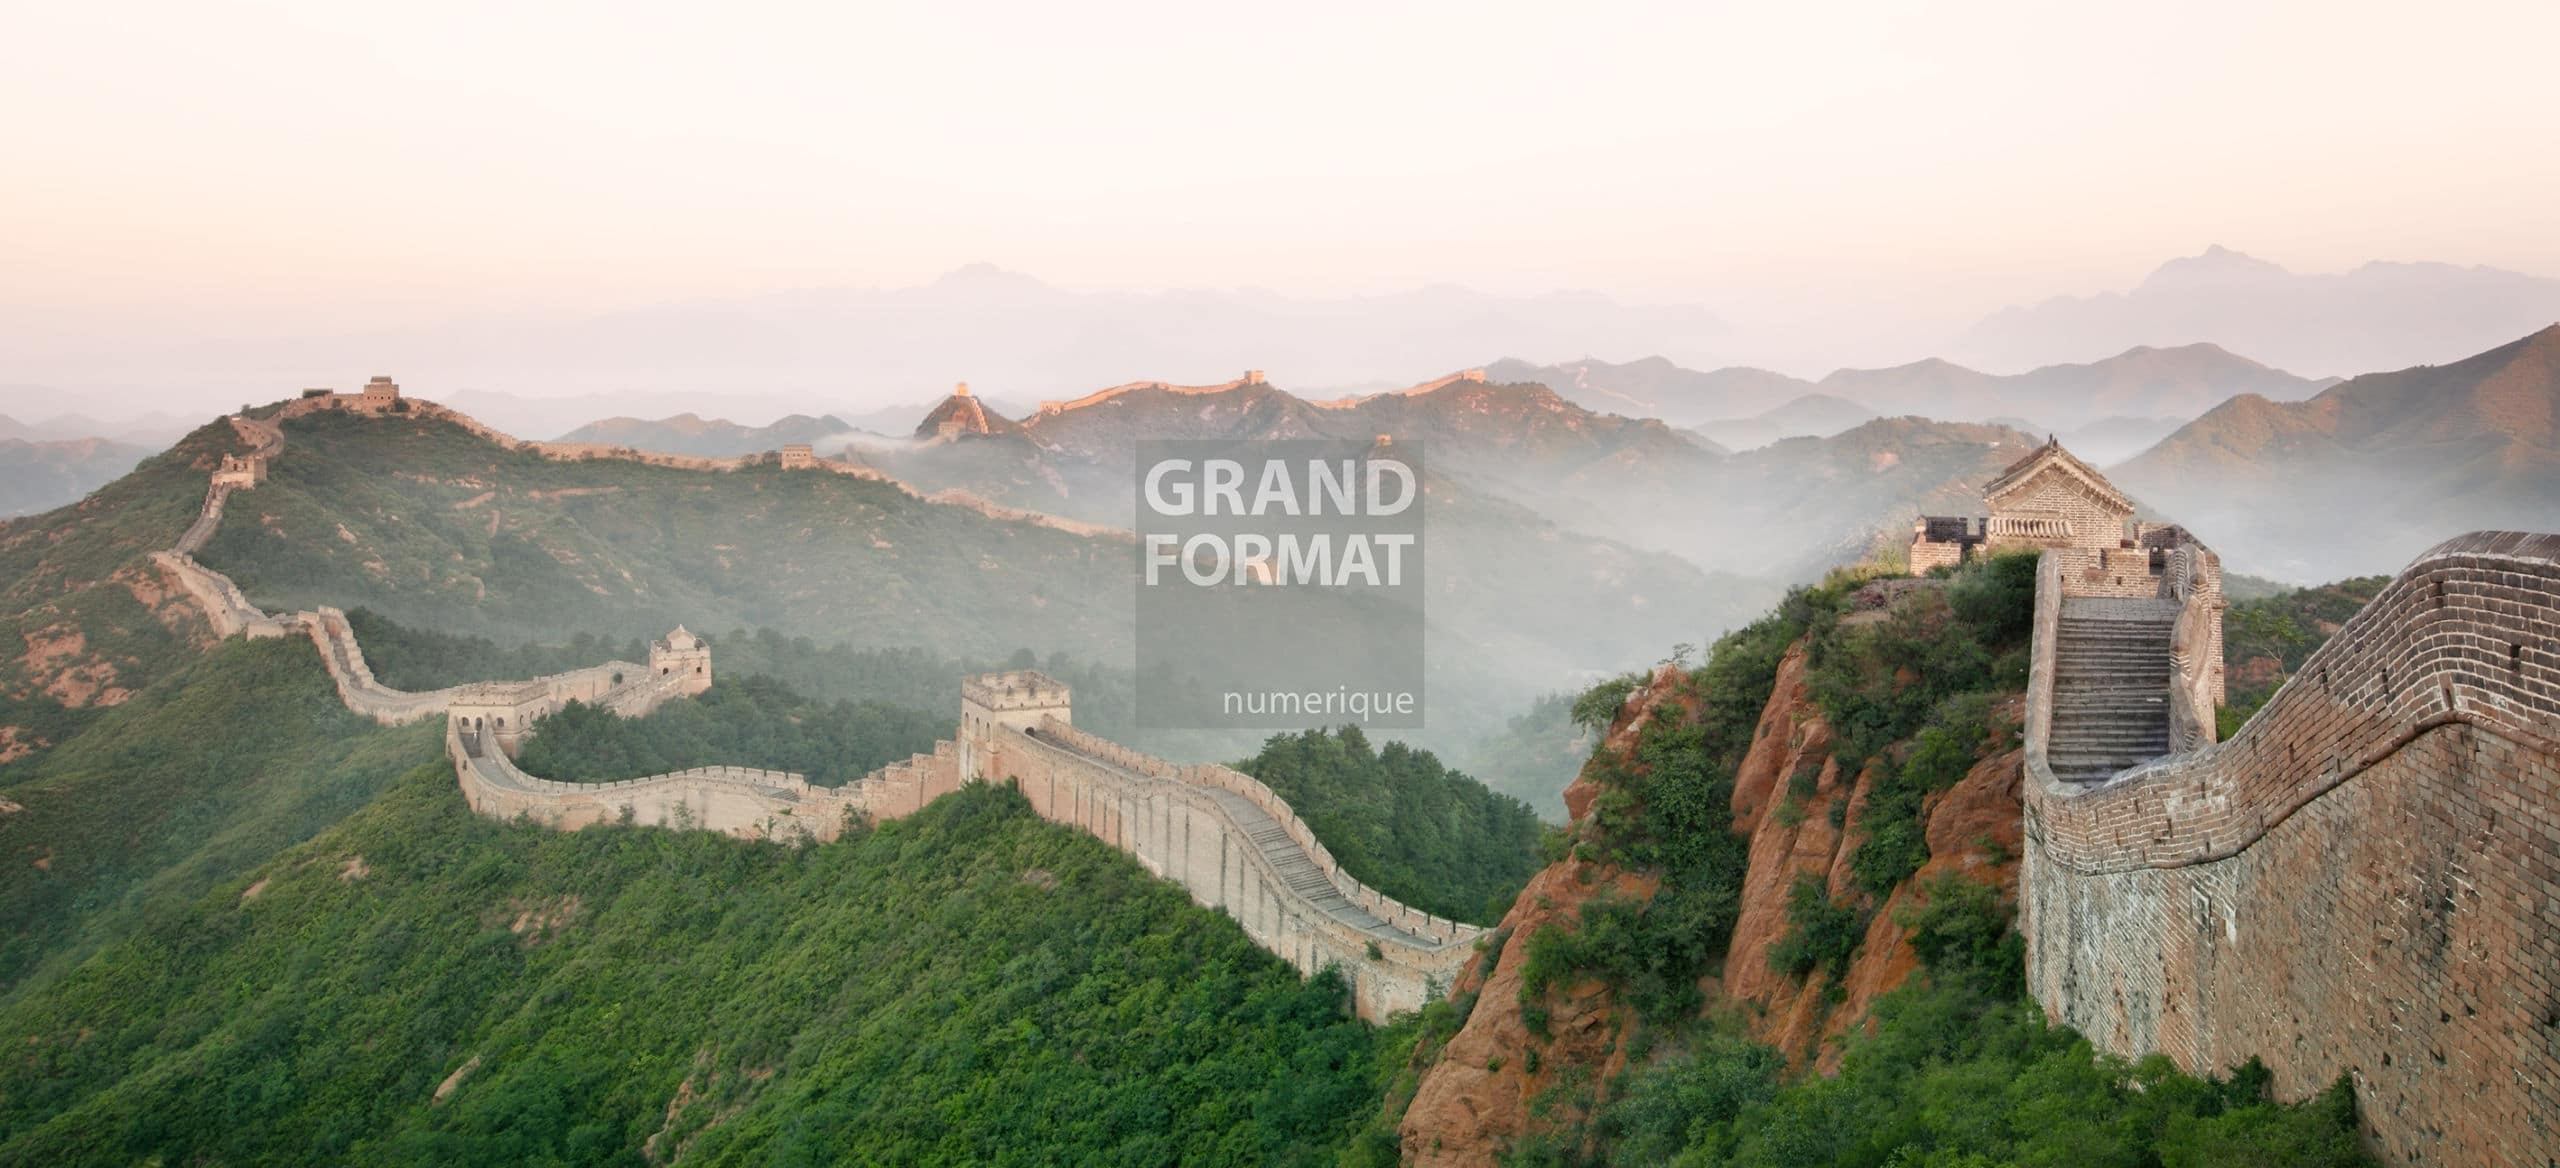 Chine, muraille photo impression et toile